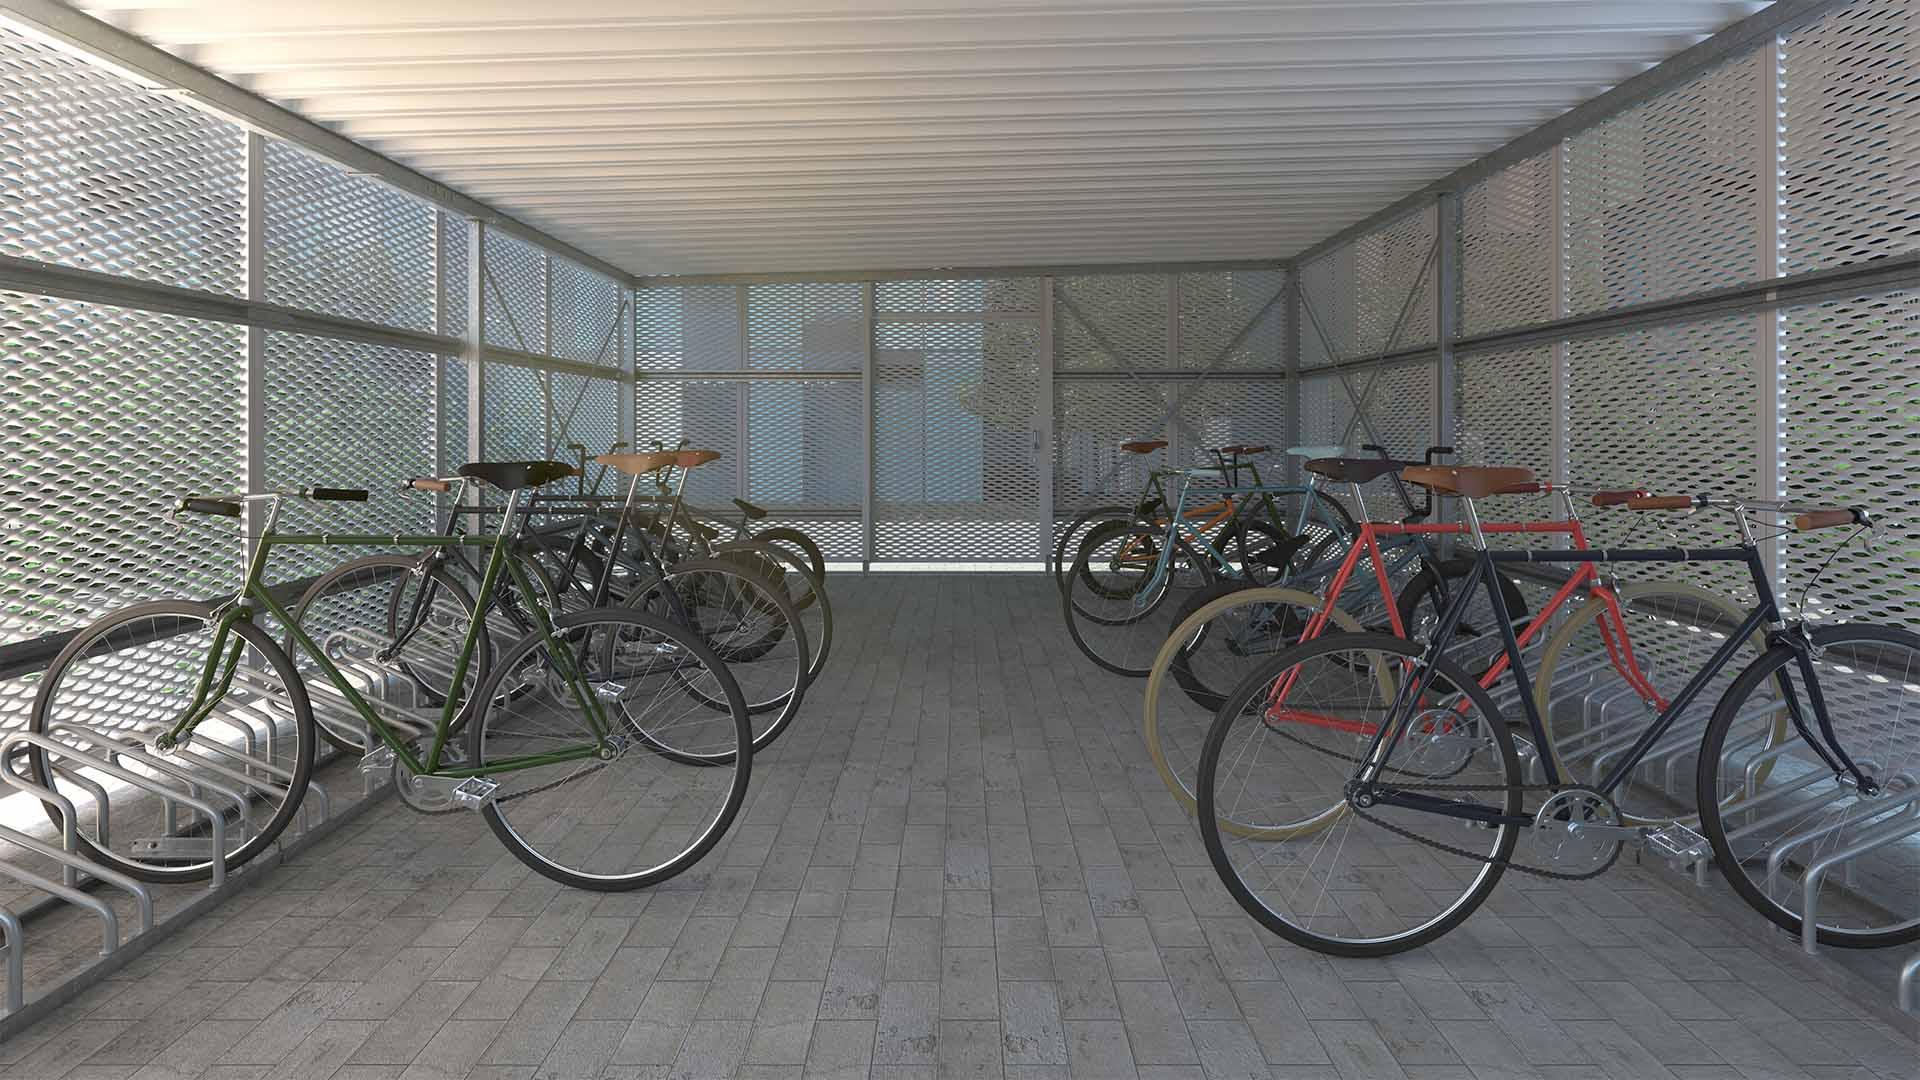 210709_kaeuferle_web_einhausungen_variobox_fahrrad_slide1